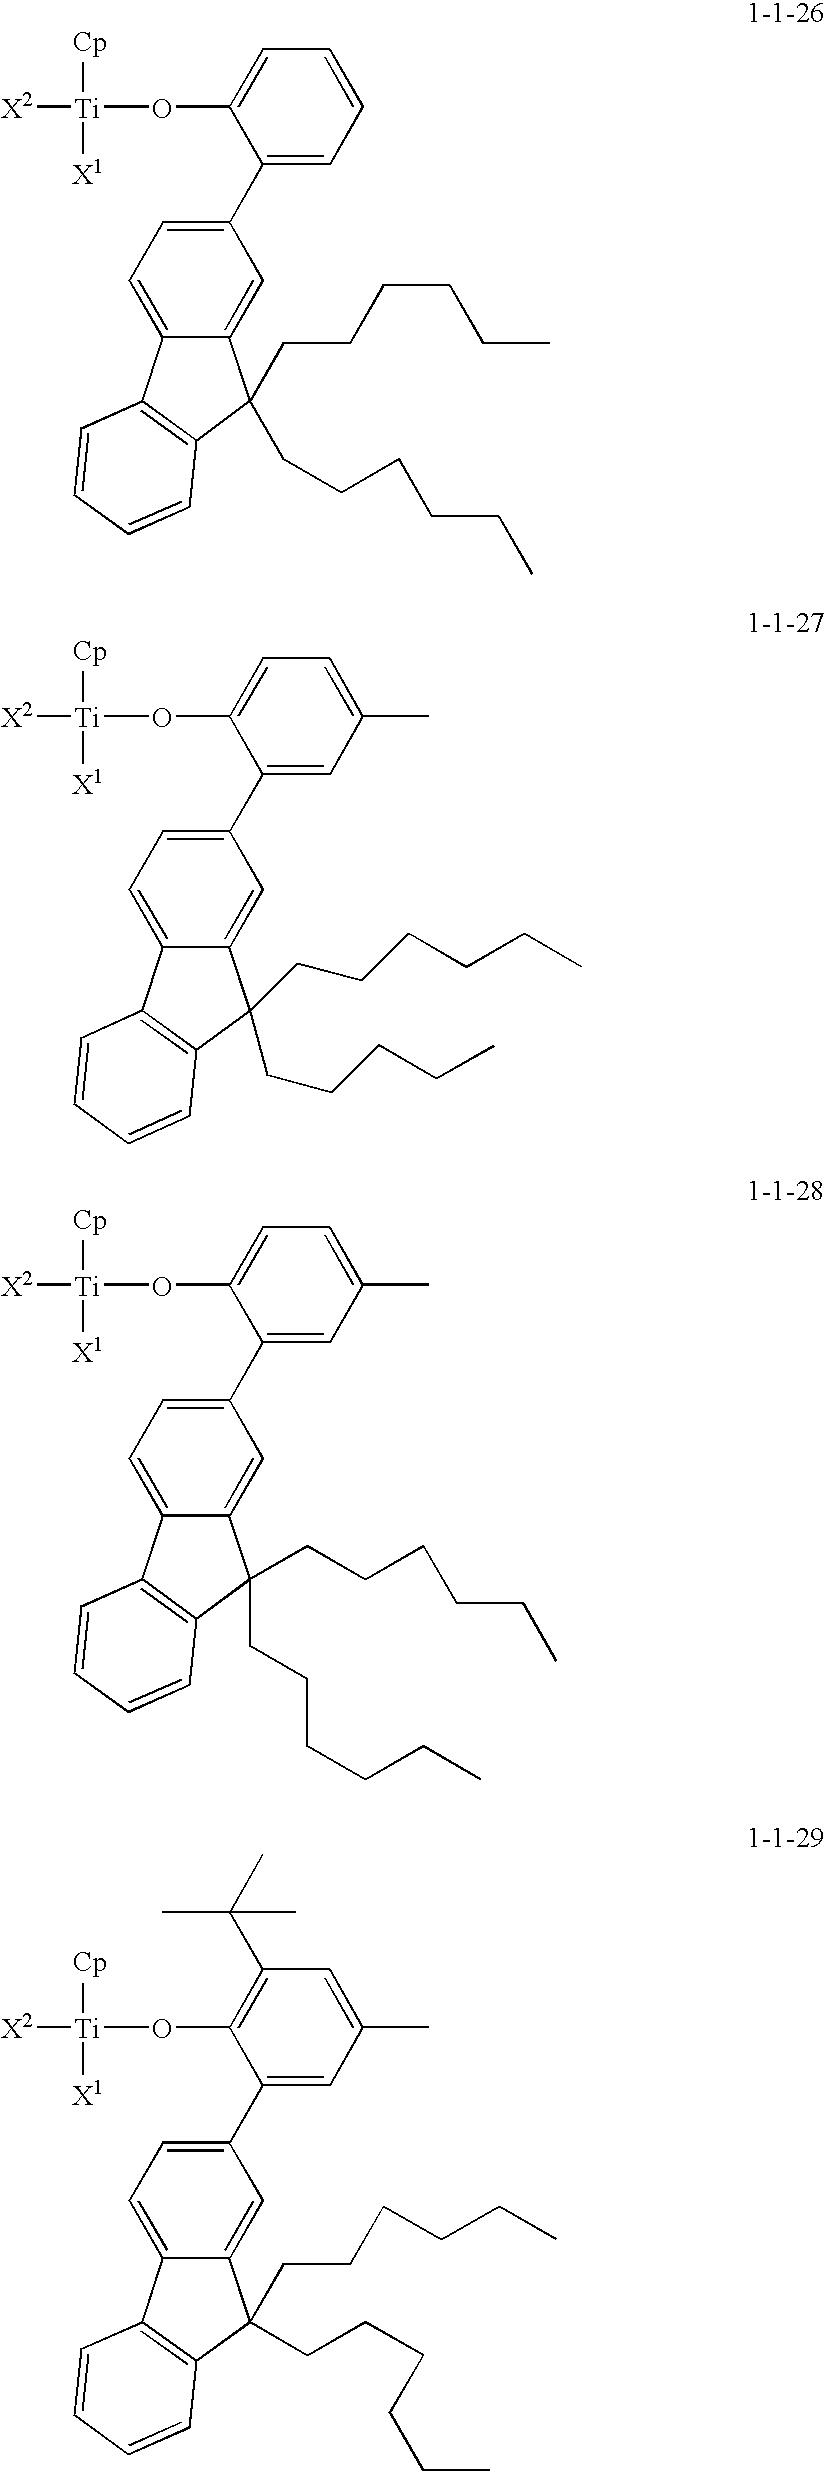 Figure US20100081776A1-20100401-C00010